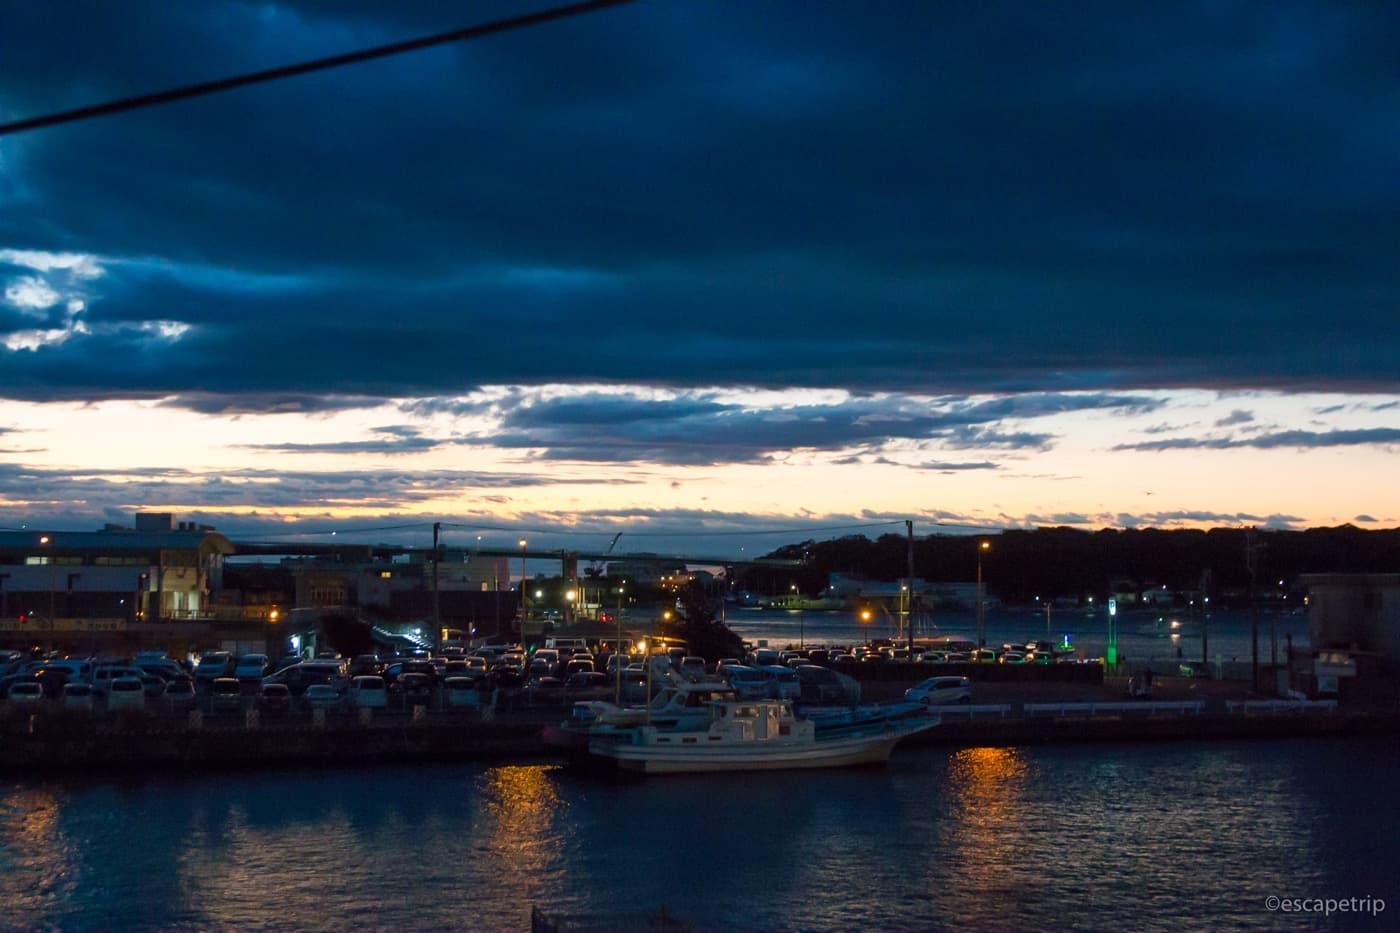 夜明け前の三浦半島の漁港